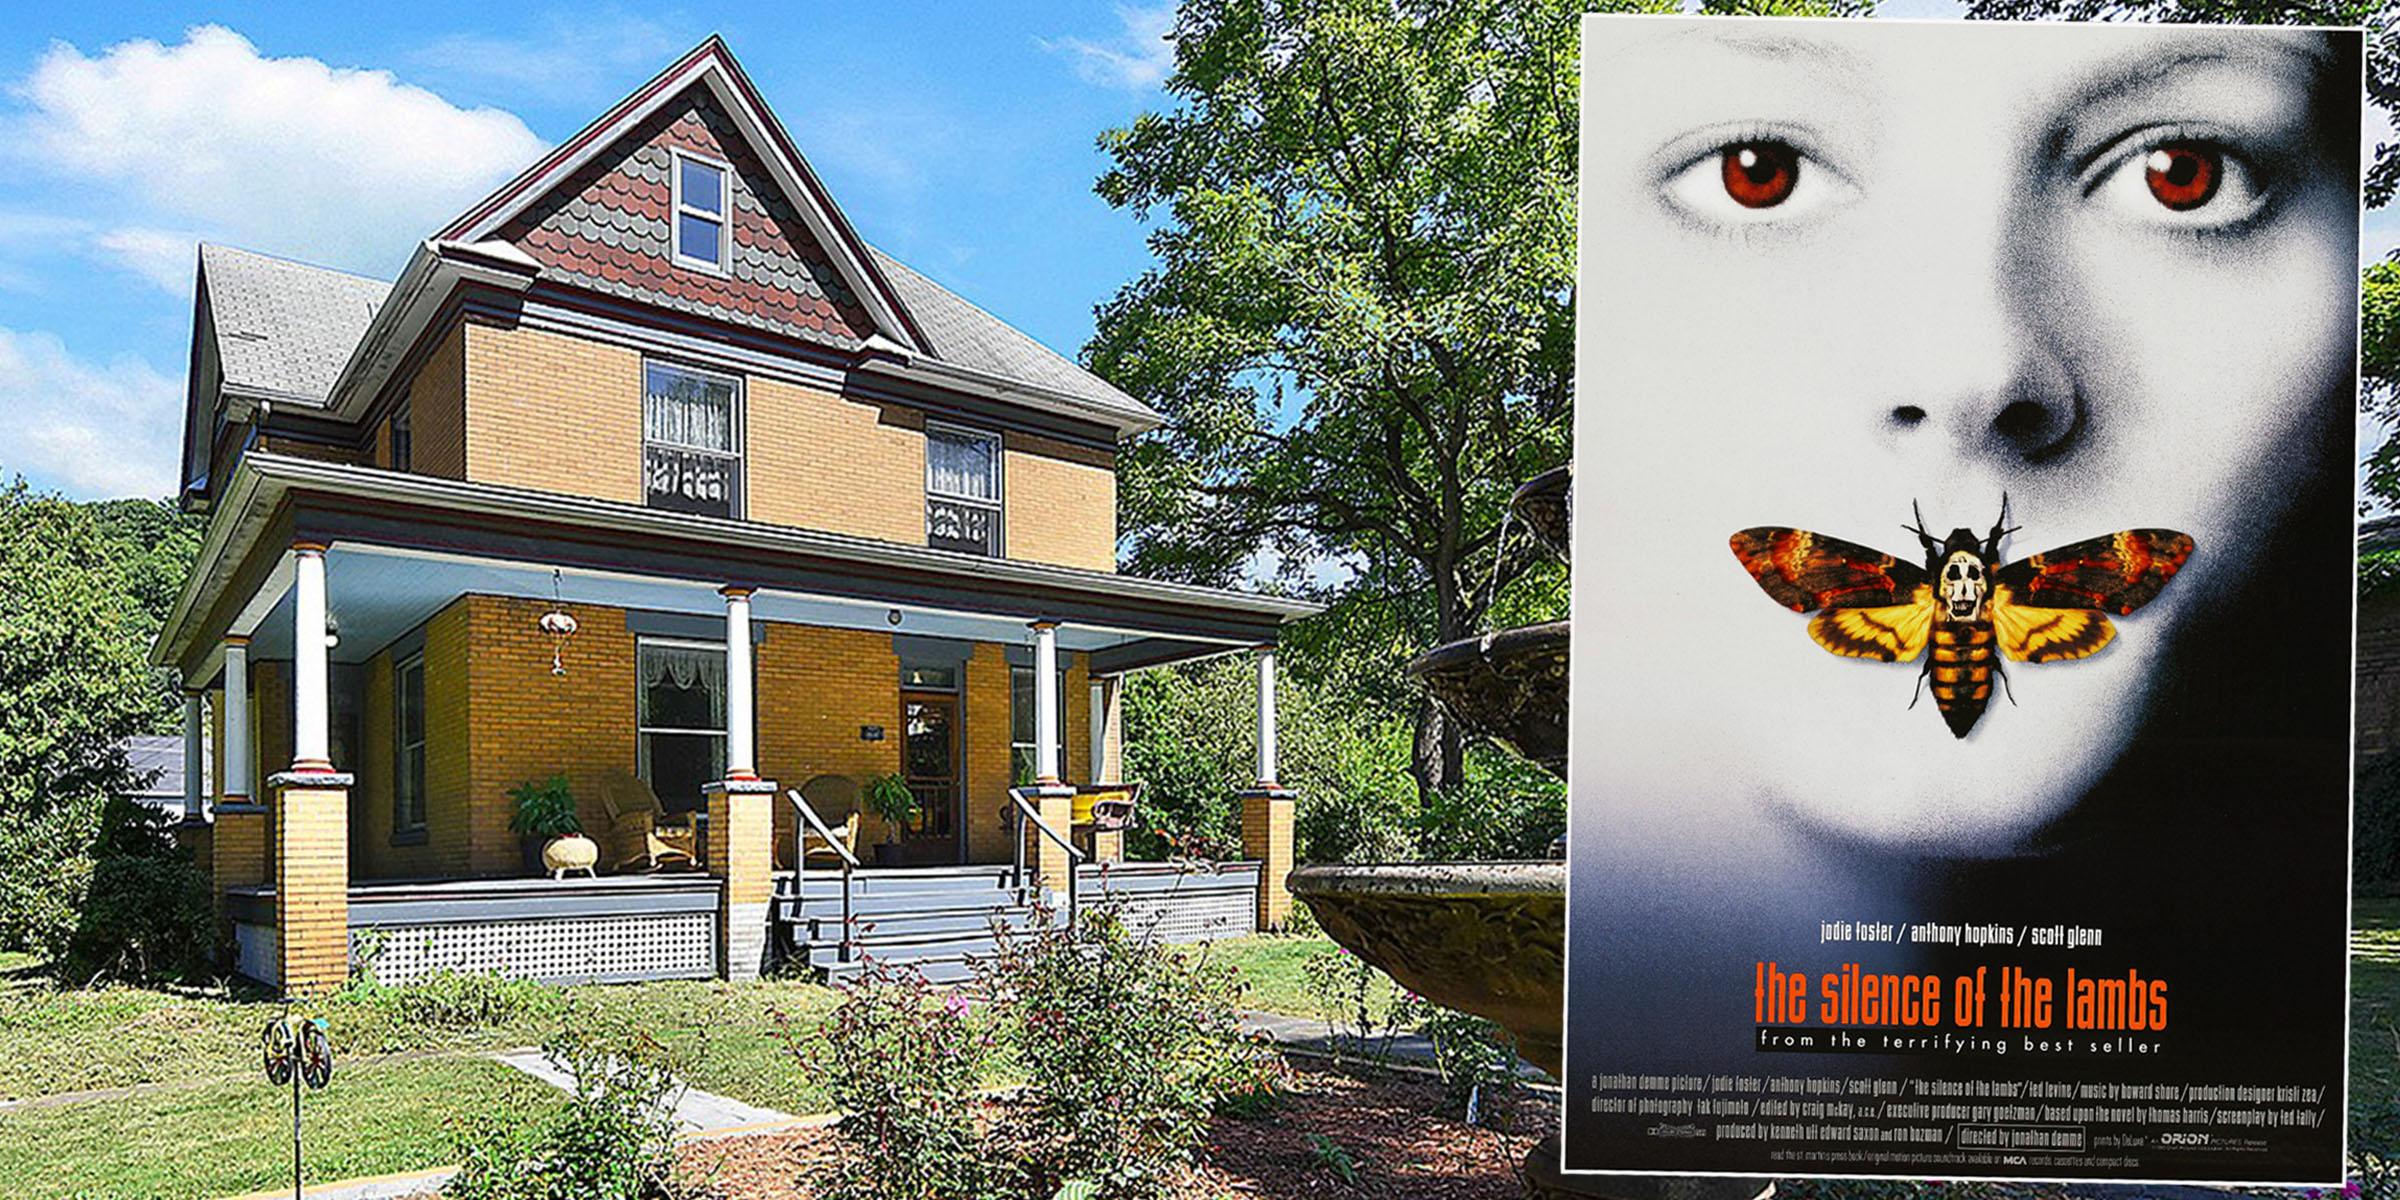 """منزل السفاح في فيلم """"سايلانس أوف ذا لامبس"""" يفتح قريبا أمام النزلاء"""